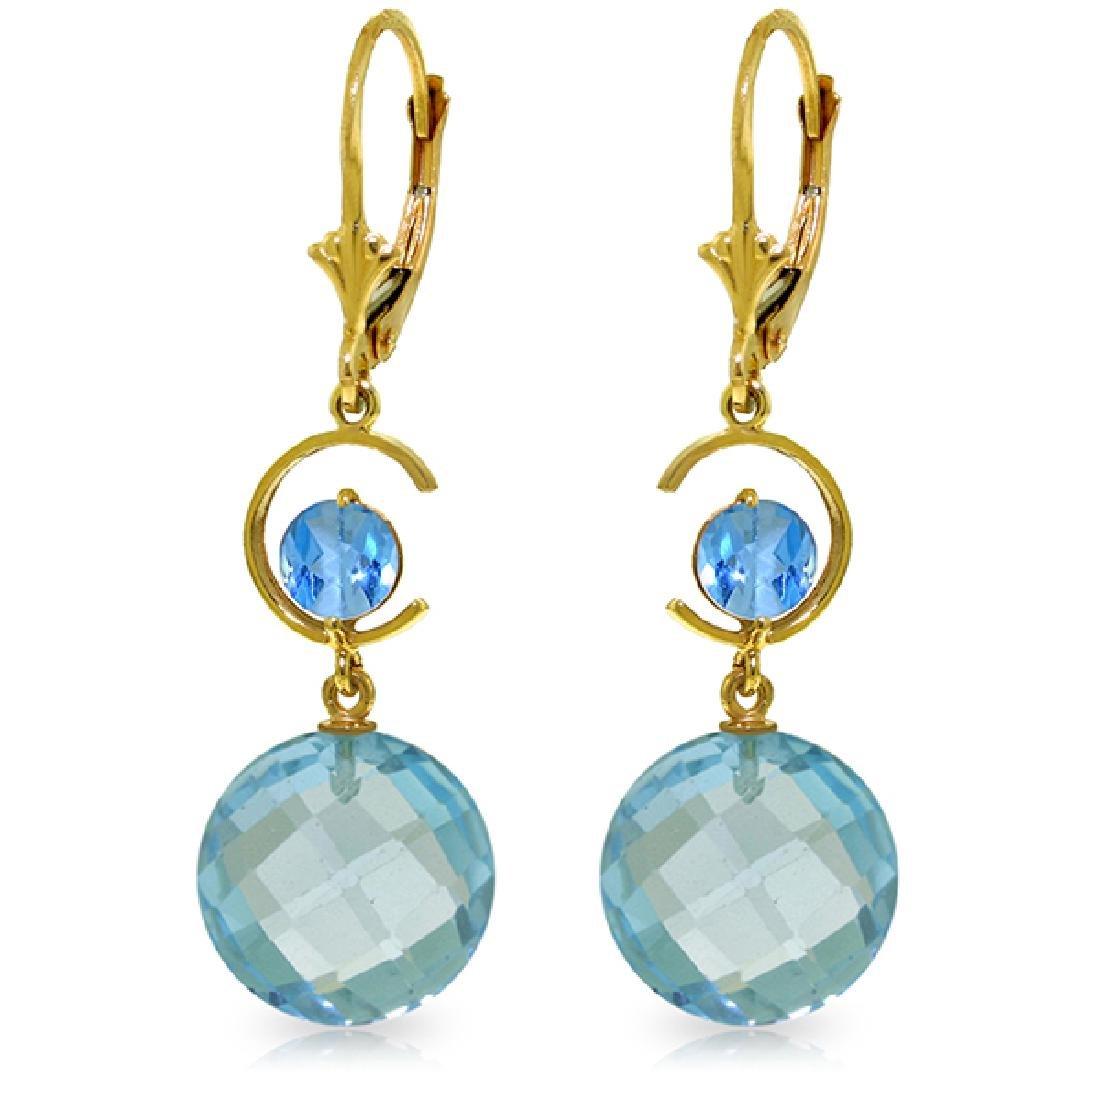 Genuine 11.60 ctw Blue Topaz Earrings Jewelry 14KT